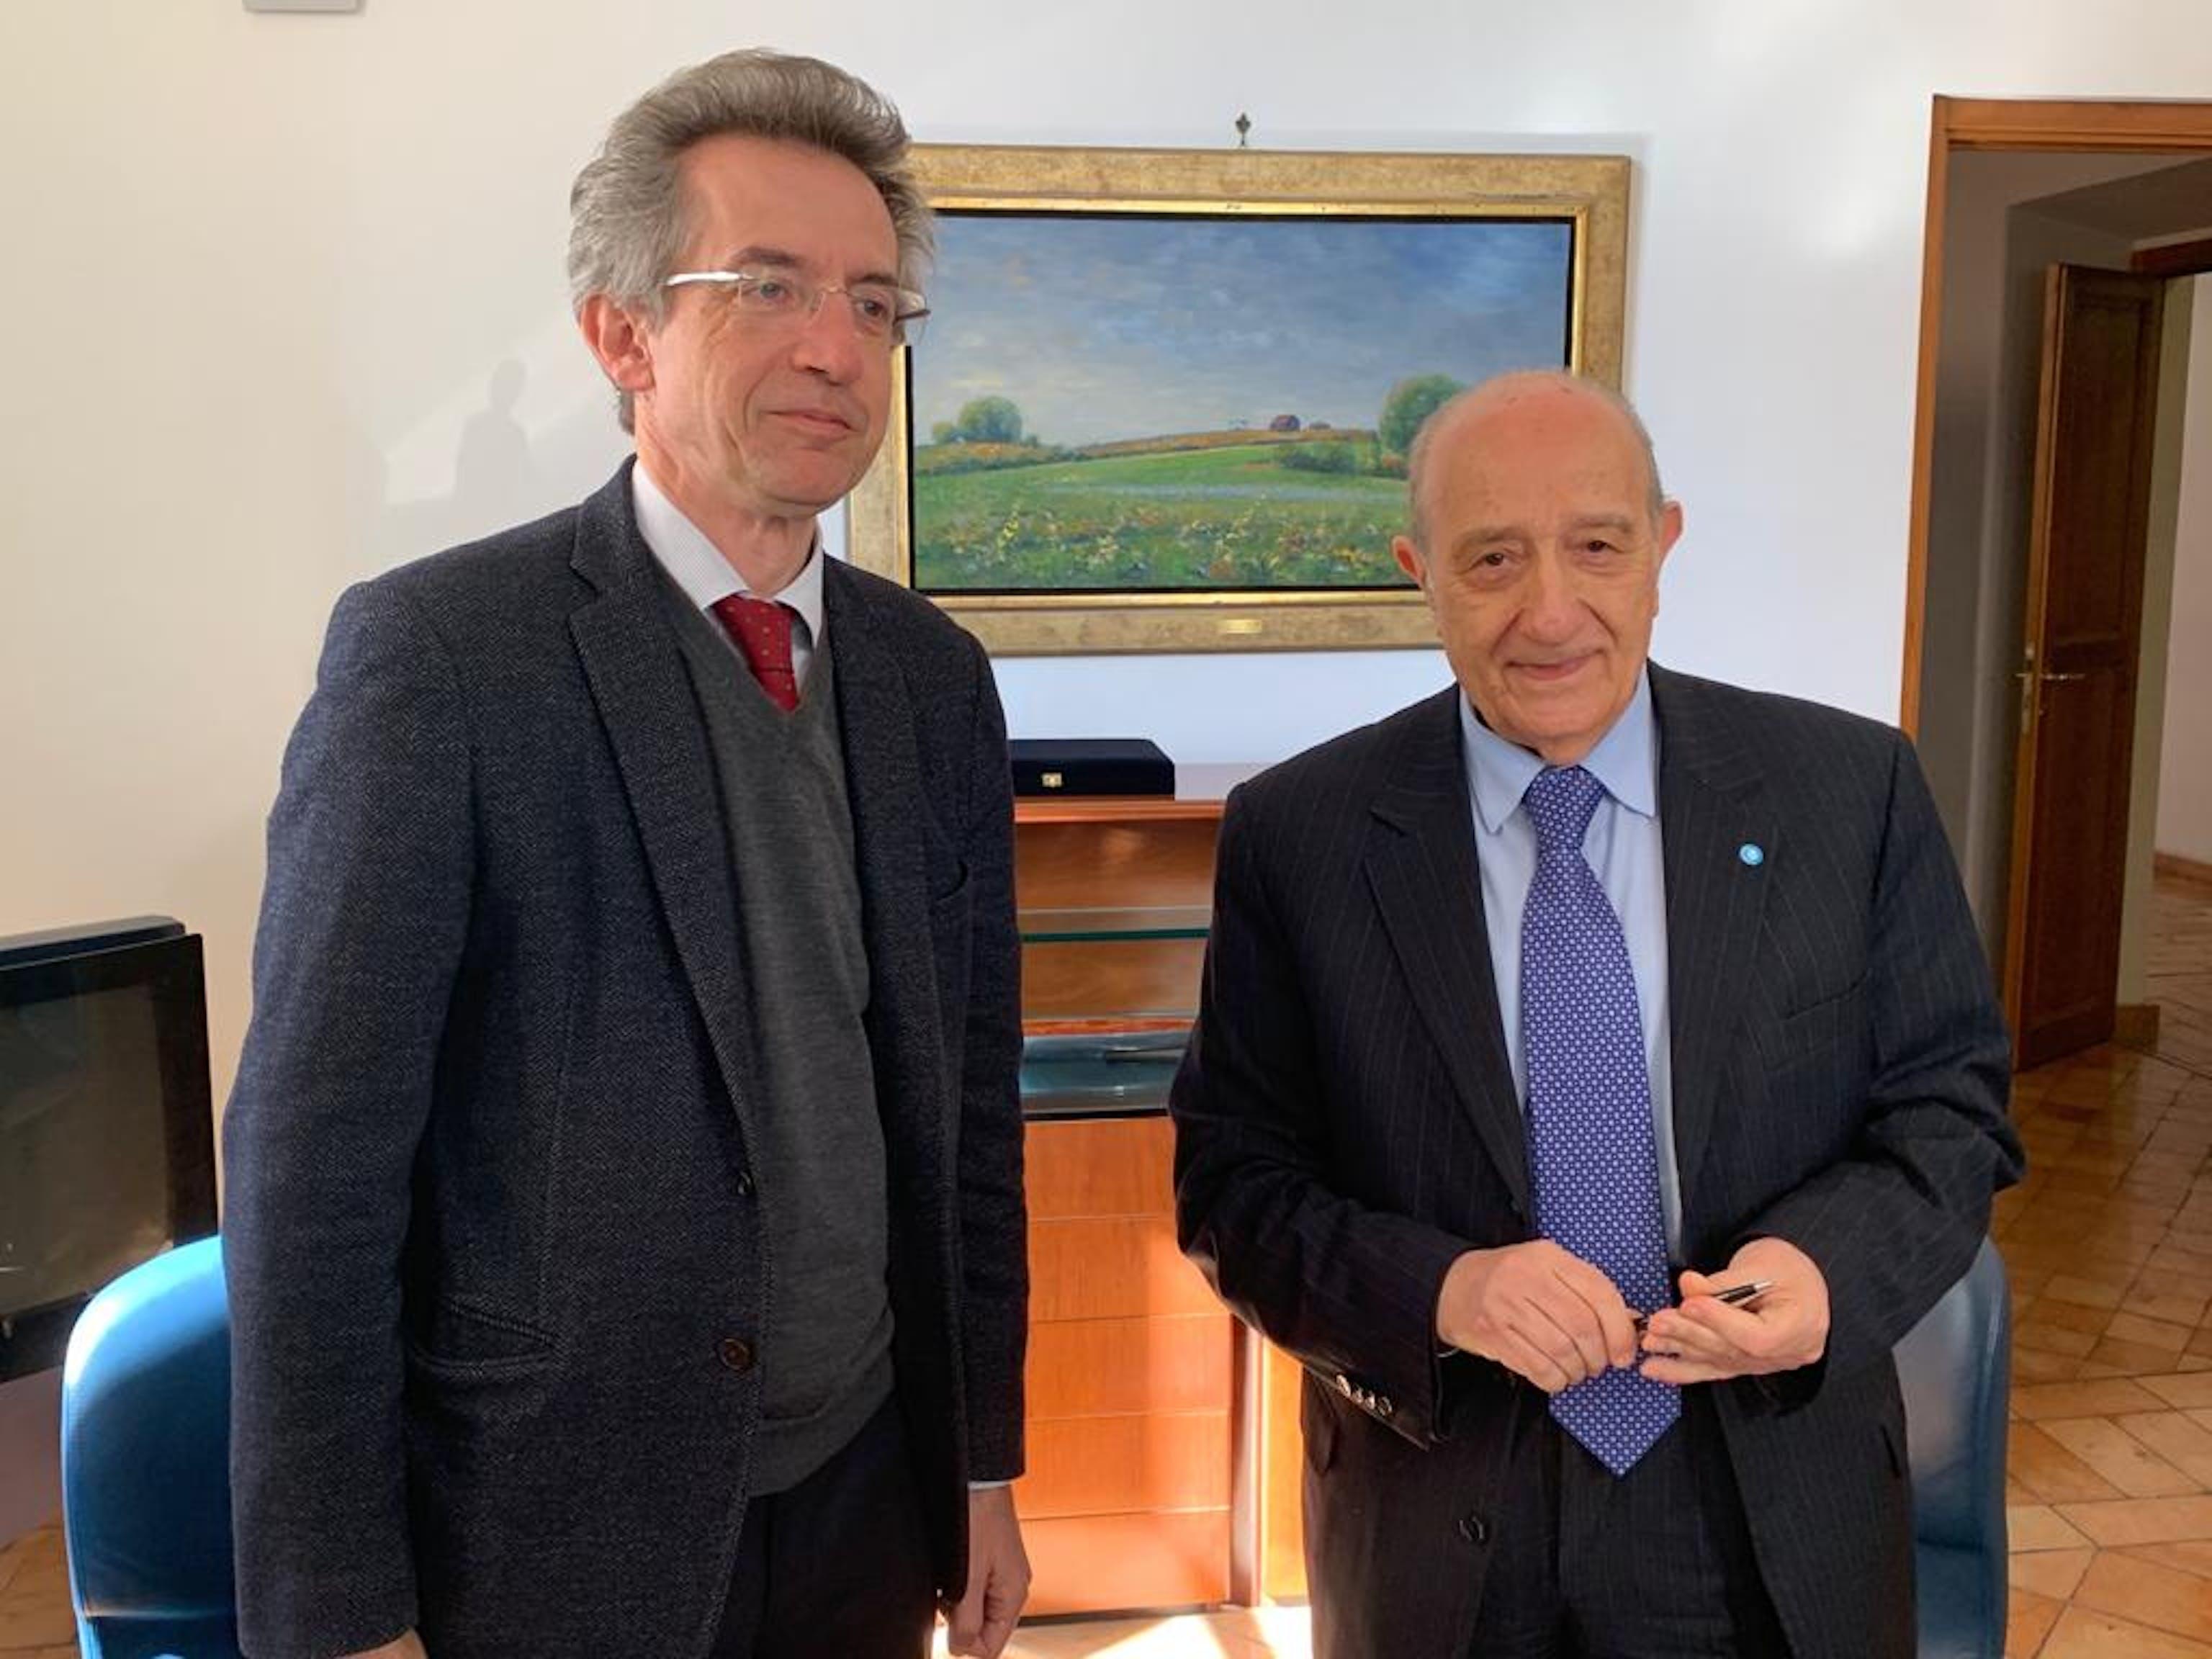 Il Presidente dellì'UNICEF italia F. Samengo con il prof. Manfredi, Rettore dell'Università di Napoli e prof. Gaetano ©UNICEF Italia/2019/C.Ricci